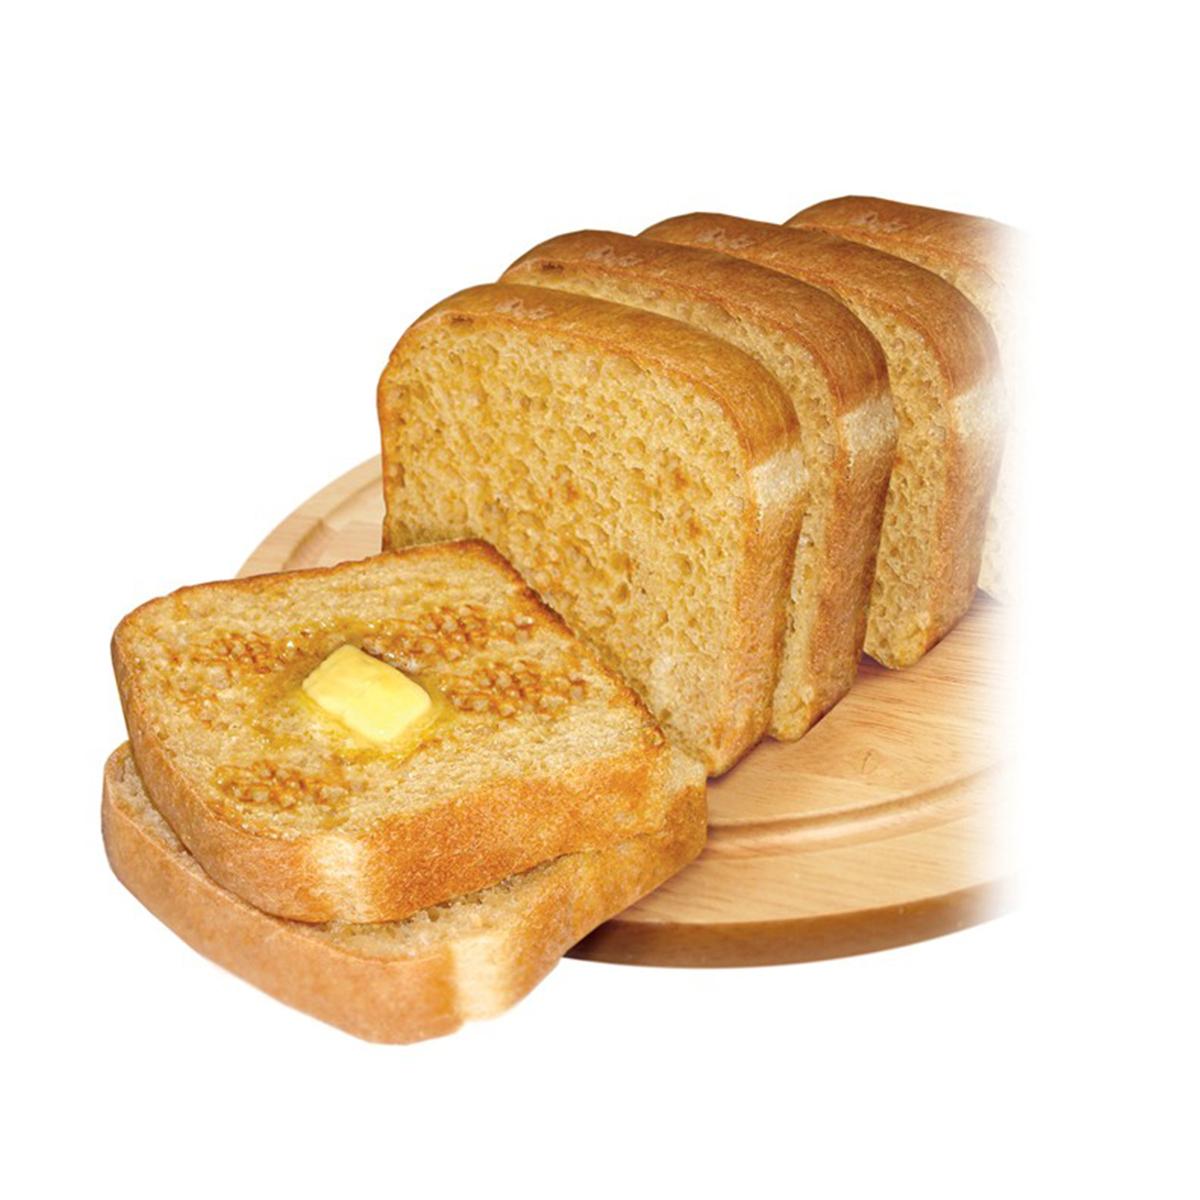 415 Crumpet Loaf